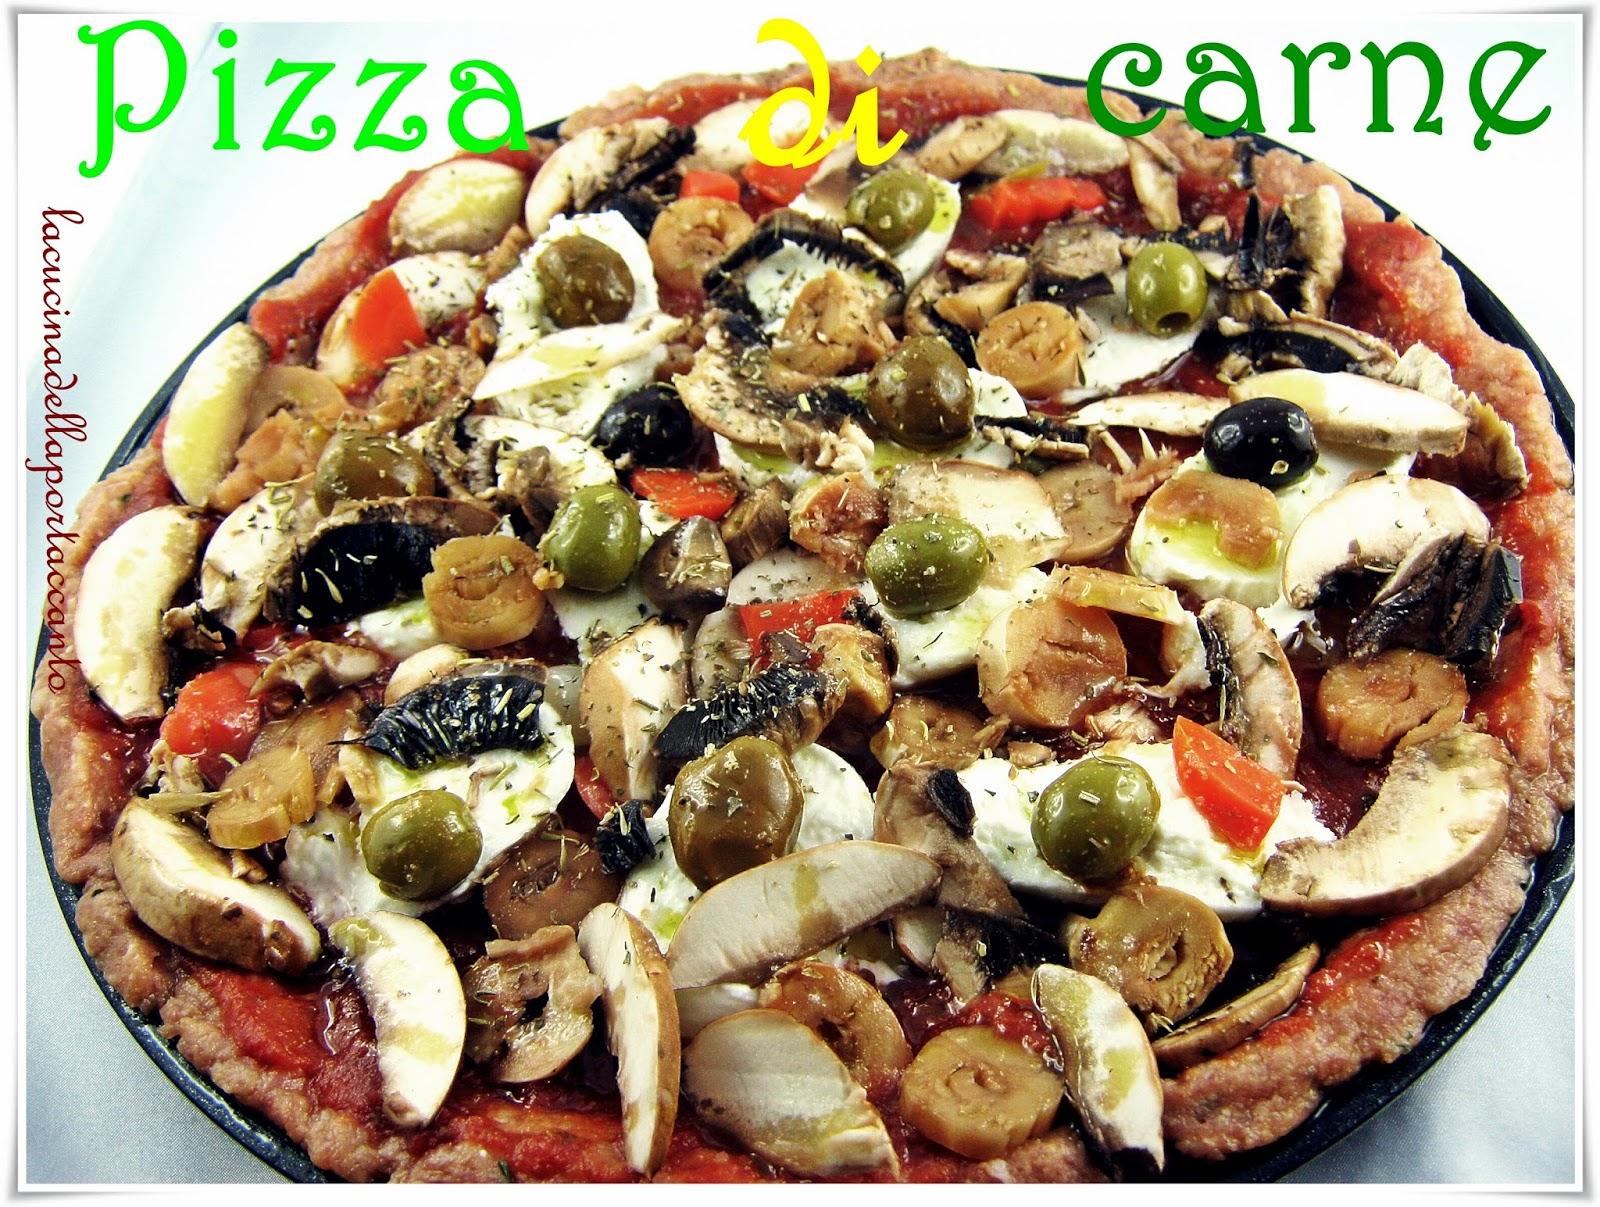 pizza di carne di nigella a modo mio